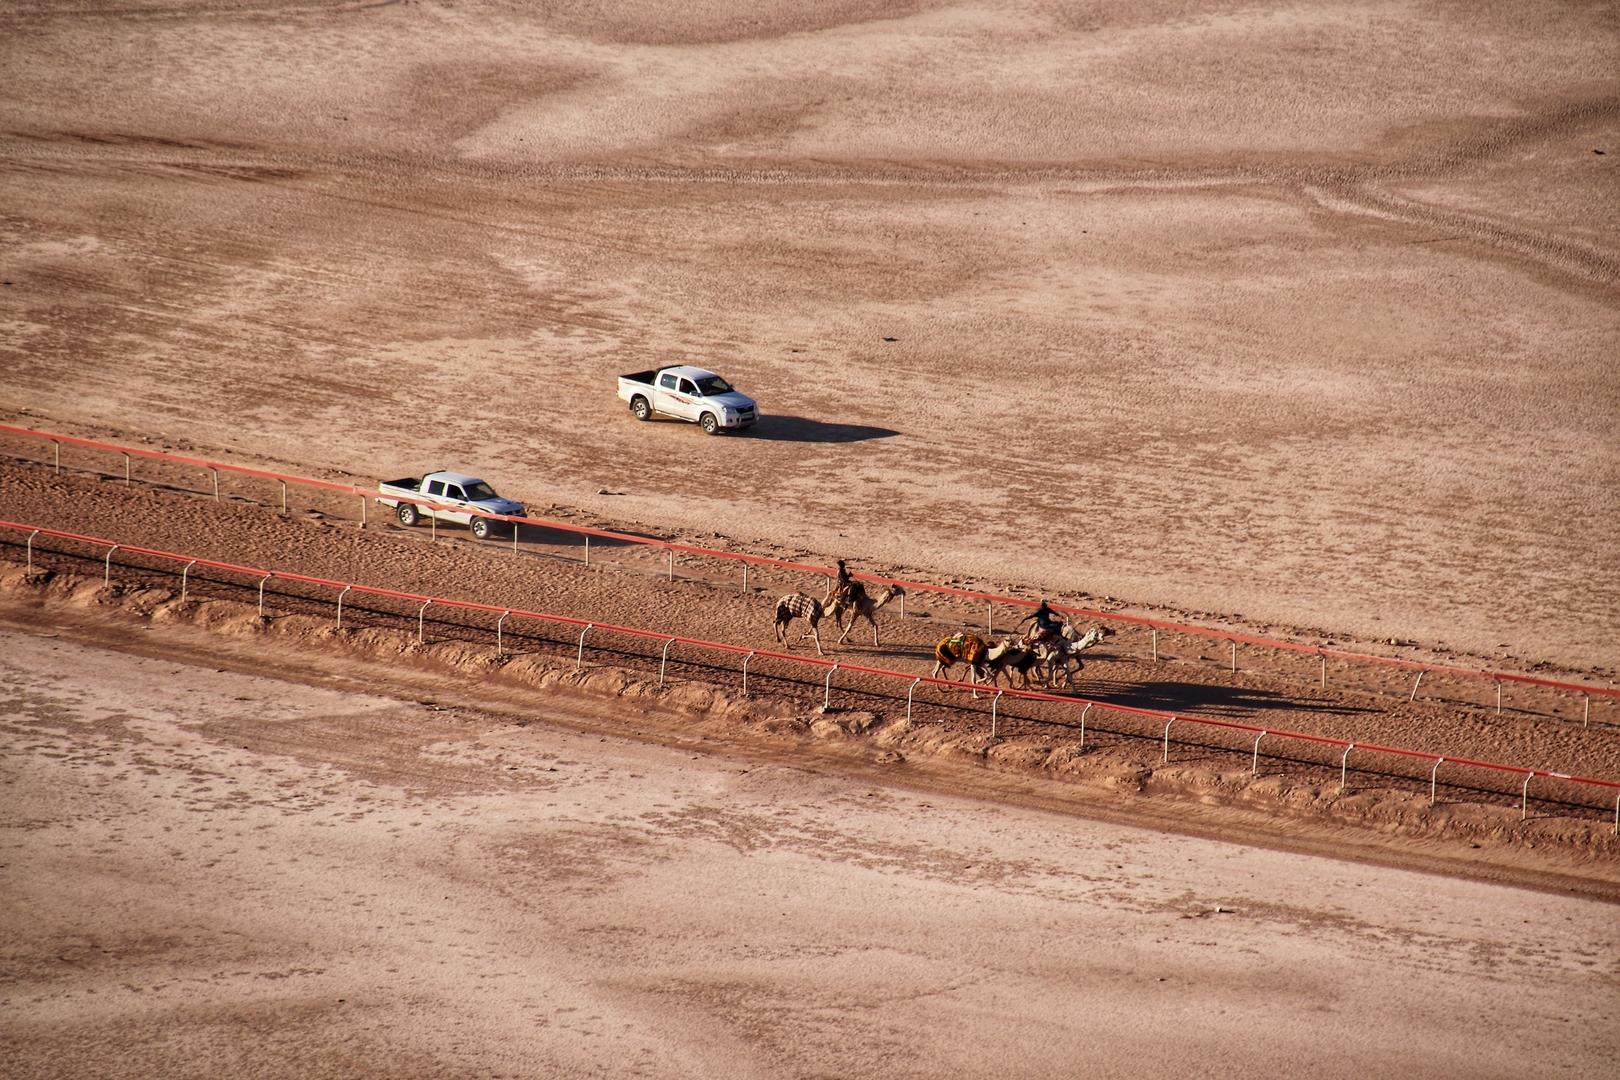 Jordanie - Bédouins entraînant leurs dromadaires sur le camélodrome dans le désert de Wadi Rum